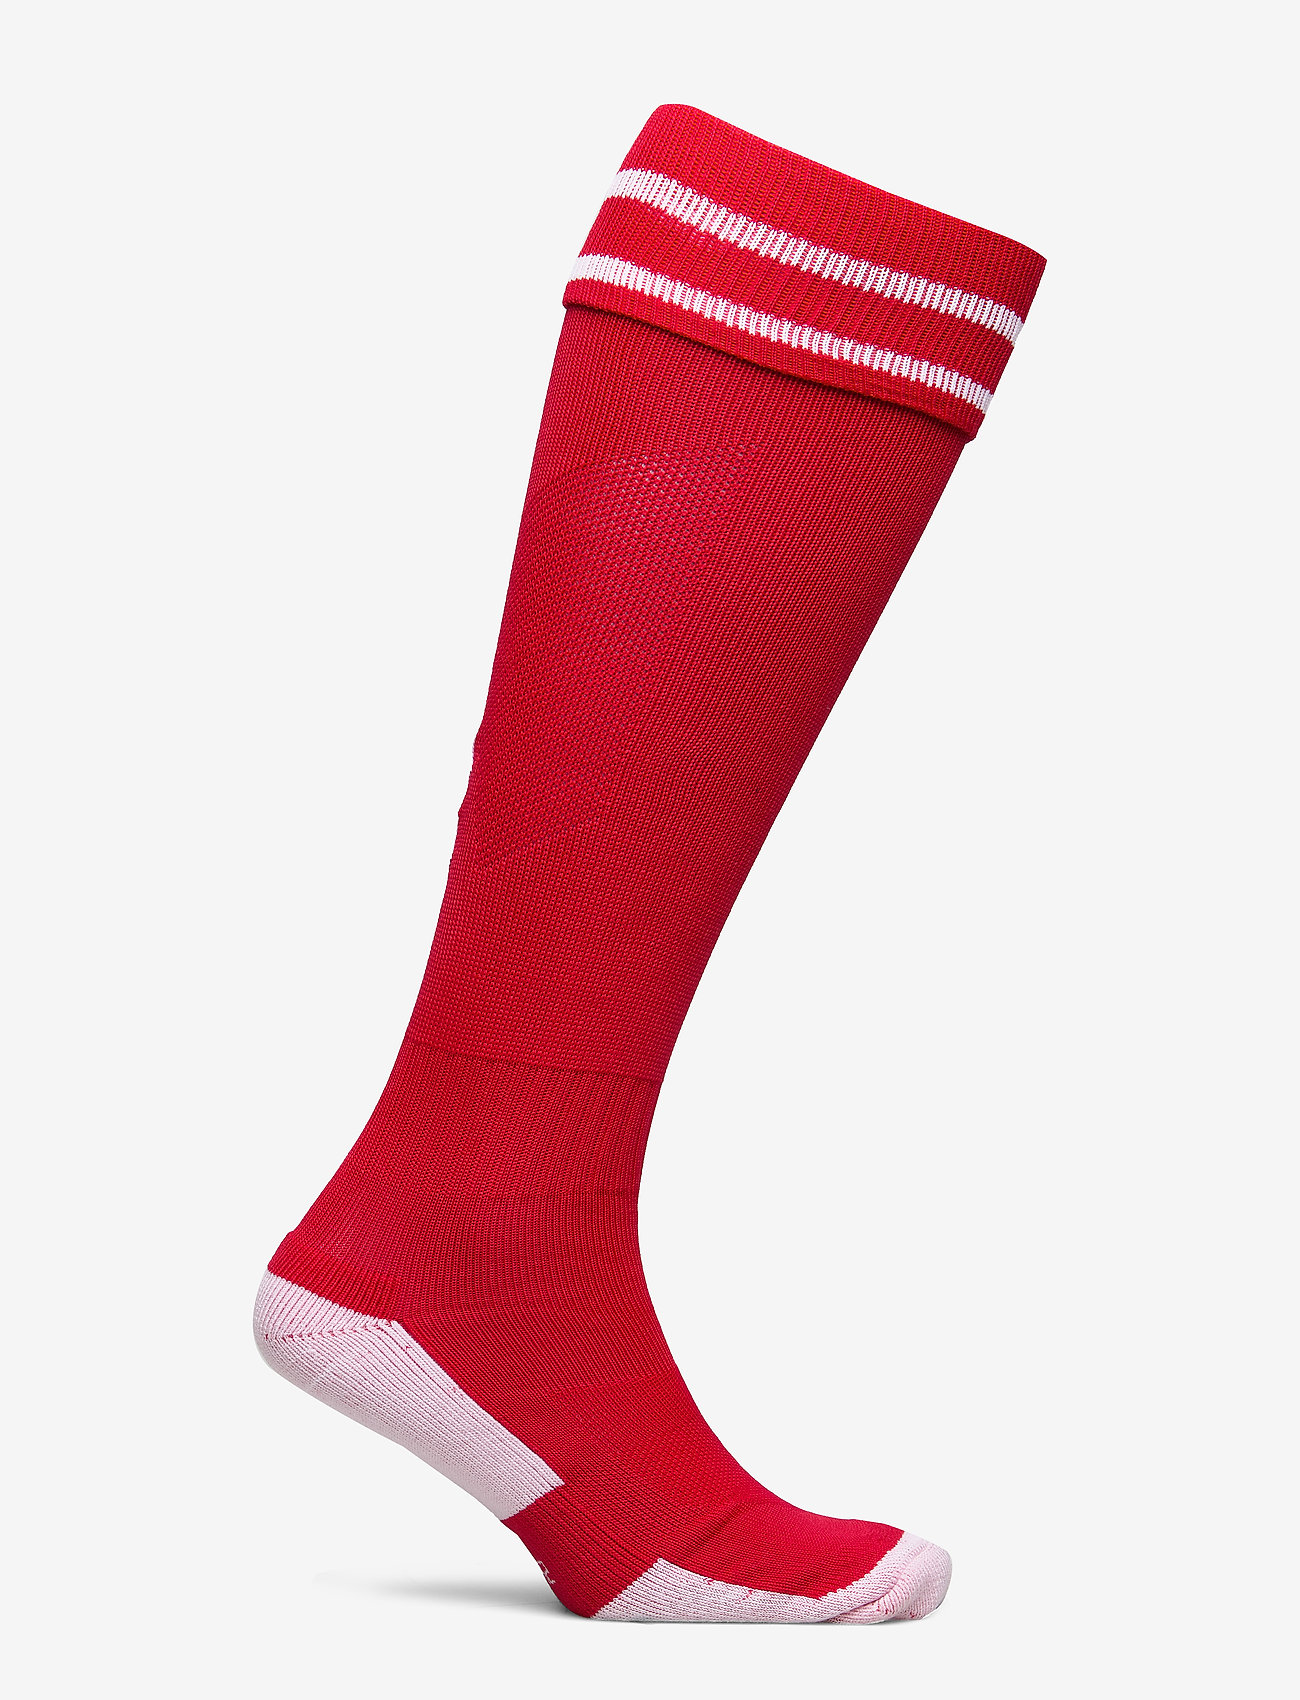 Hummel - ELEMENT FOOTBALL SOCK - fodboldsokker - true red/white - 1